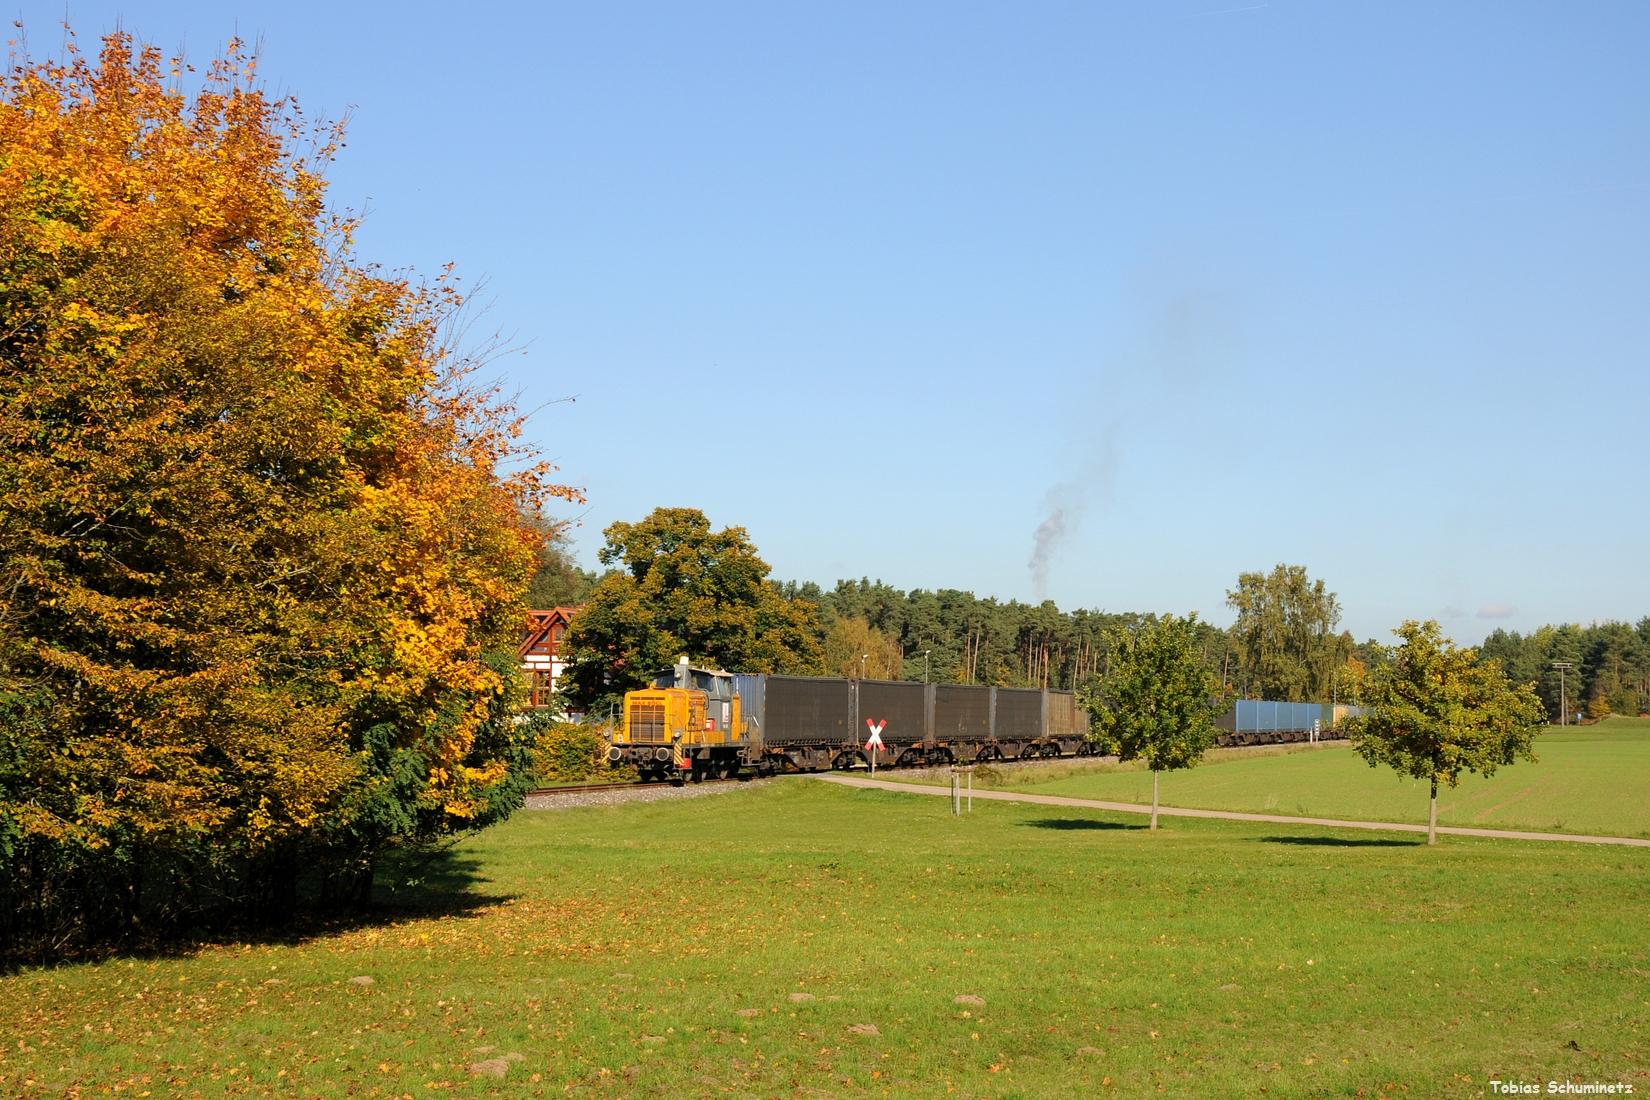 Denn ich musste weiter zum Reststück der ehemaligen Nebenbahn Neumarkt - Beilngries. Dort hatte ich die Info, dass die V60 608 von Max Bögl nochmals vor dem samstäglichen Tchibo-Zug zum Einsatz kommen sollte. Bei der Seitzermühle drückt die kleine Lok den langen Zug in Richtung Neumarkt.